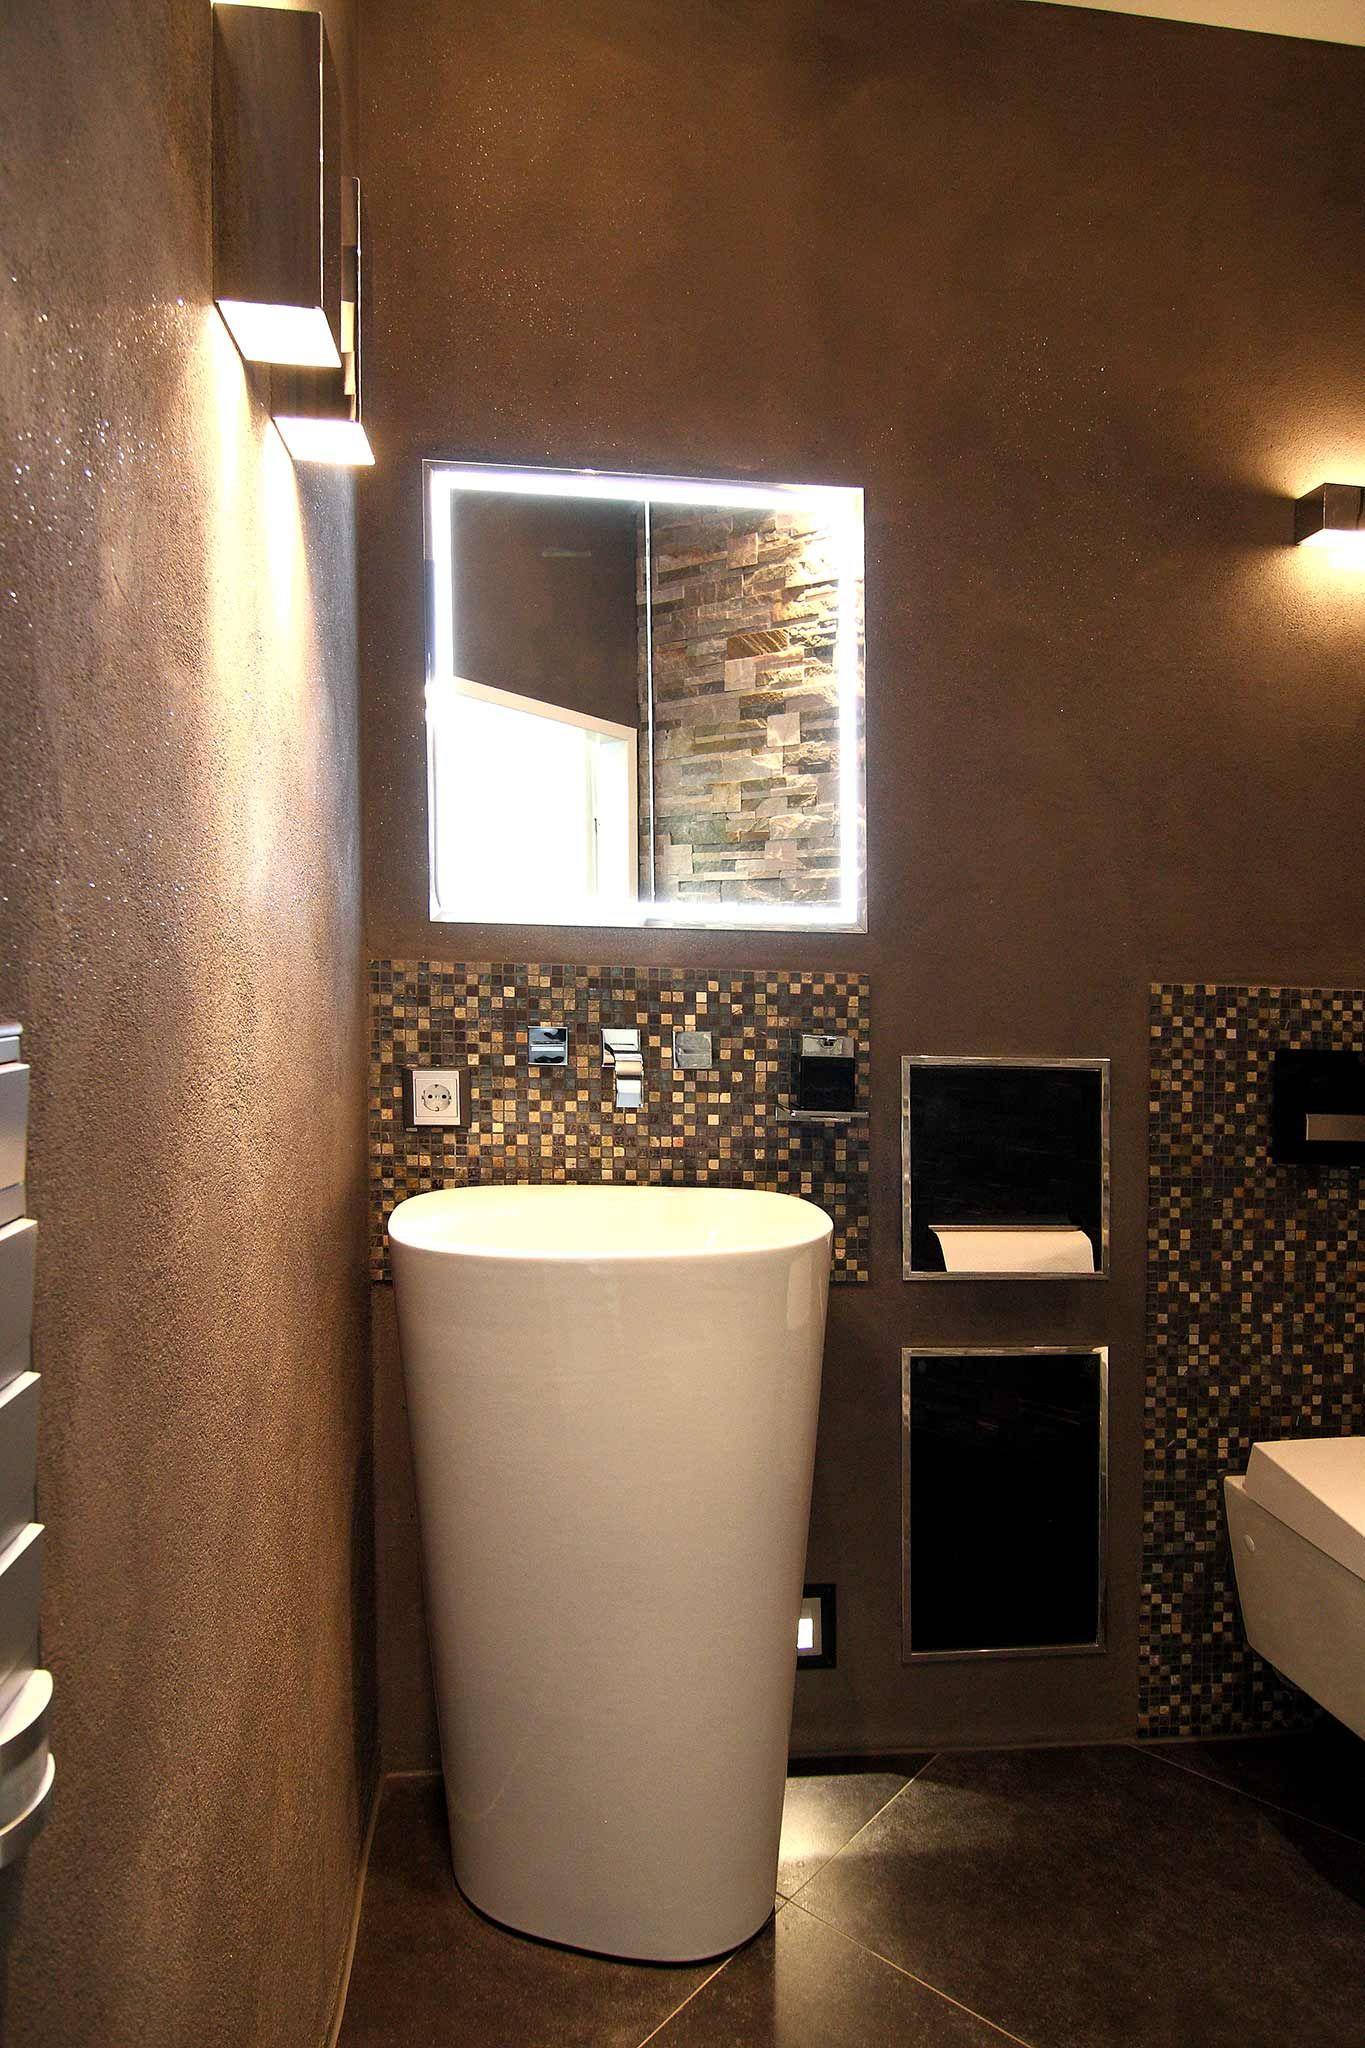 Elegant Mosaikfliesen geben sch ne Akzente in diesem G ste WC Waschbecken WC und der Spiegel